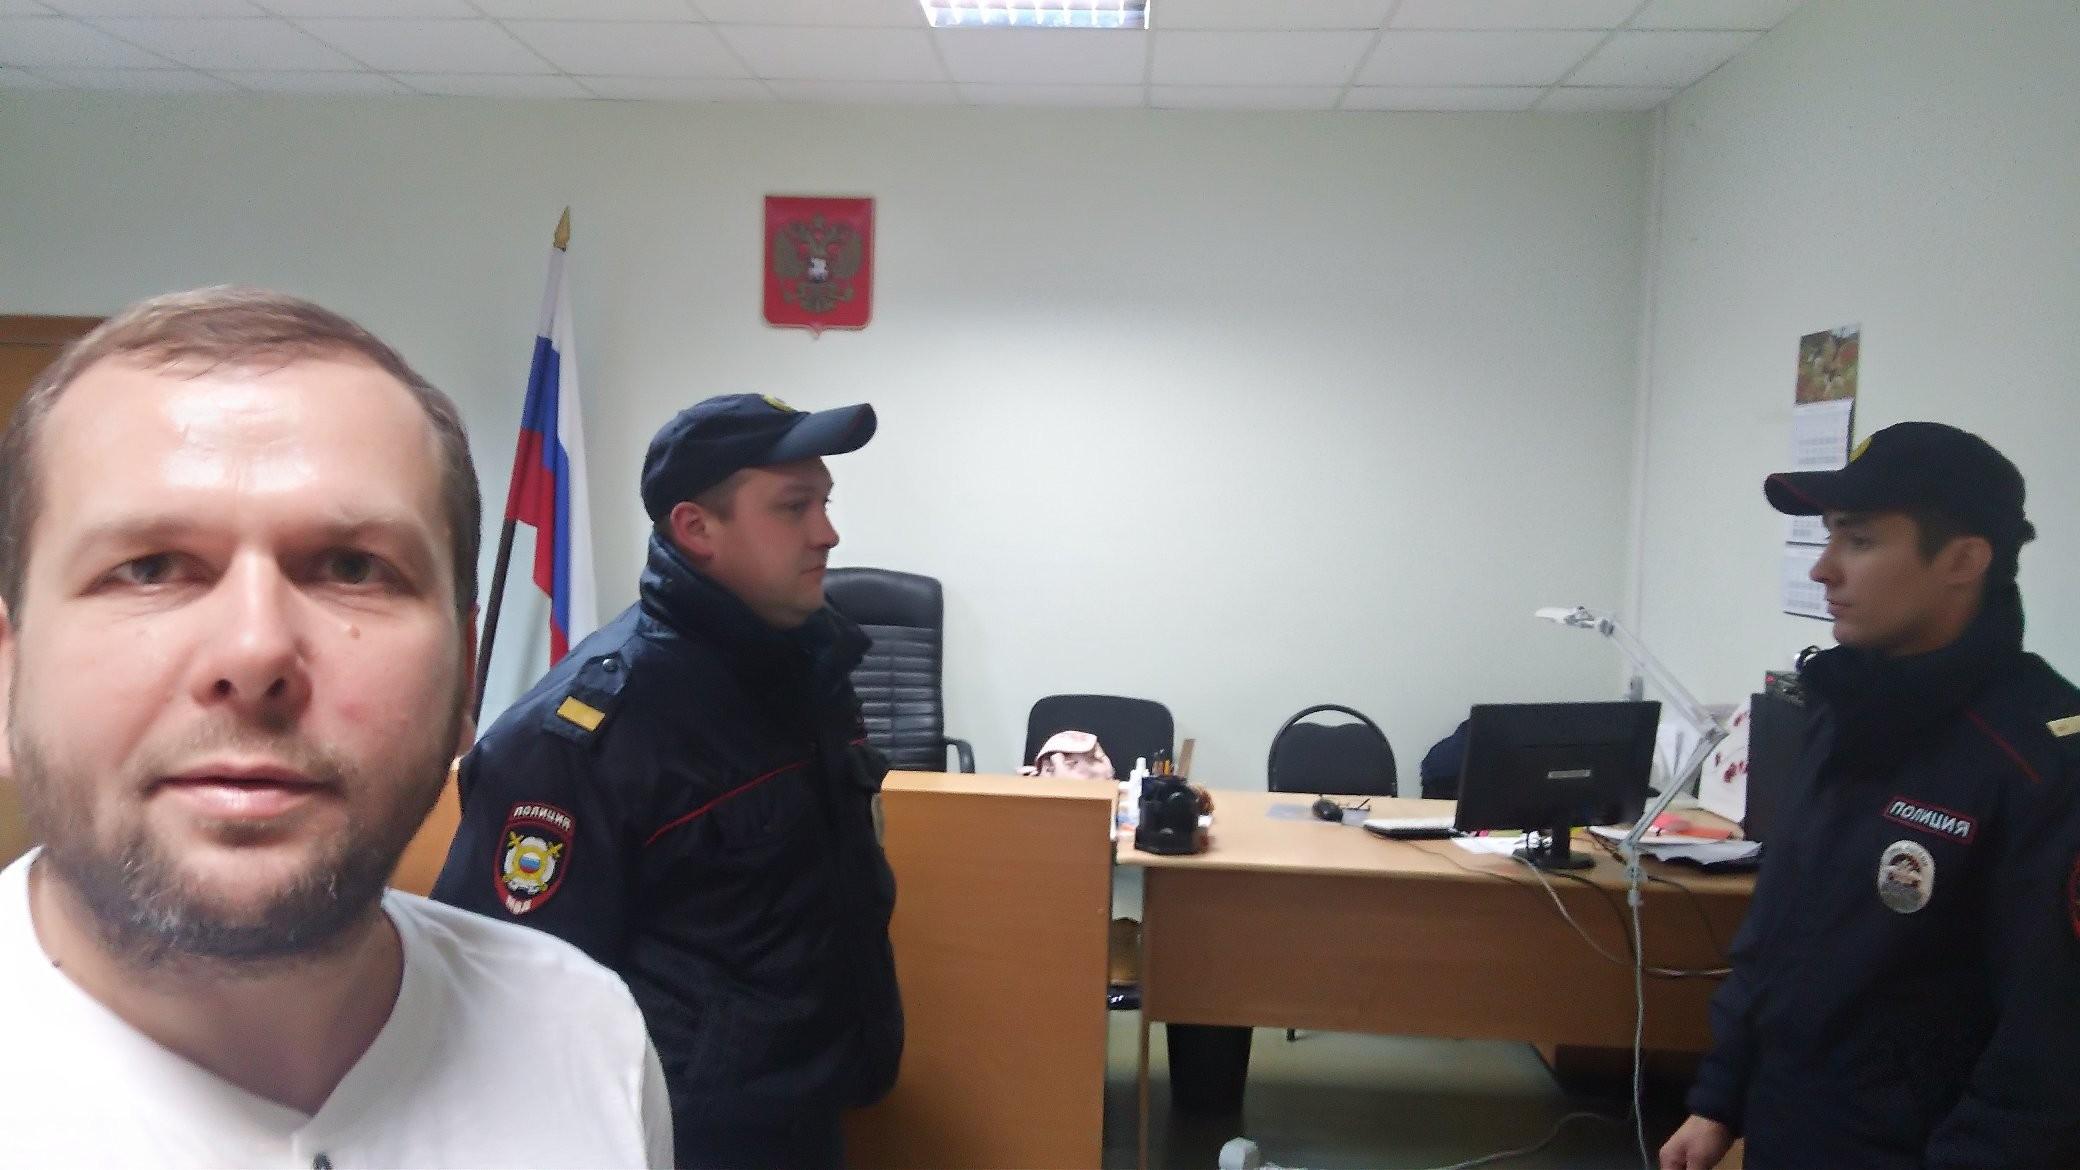 Евгения Доможирова арестовали на 15 суток за митинг против повышения пенсионного возраста